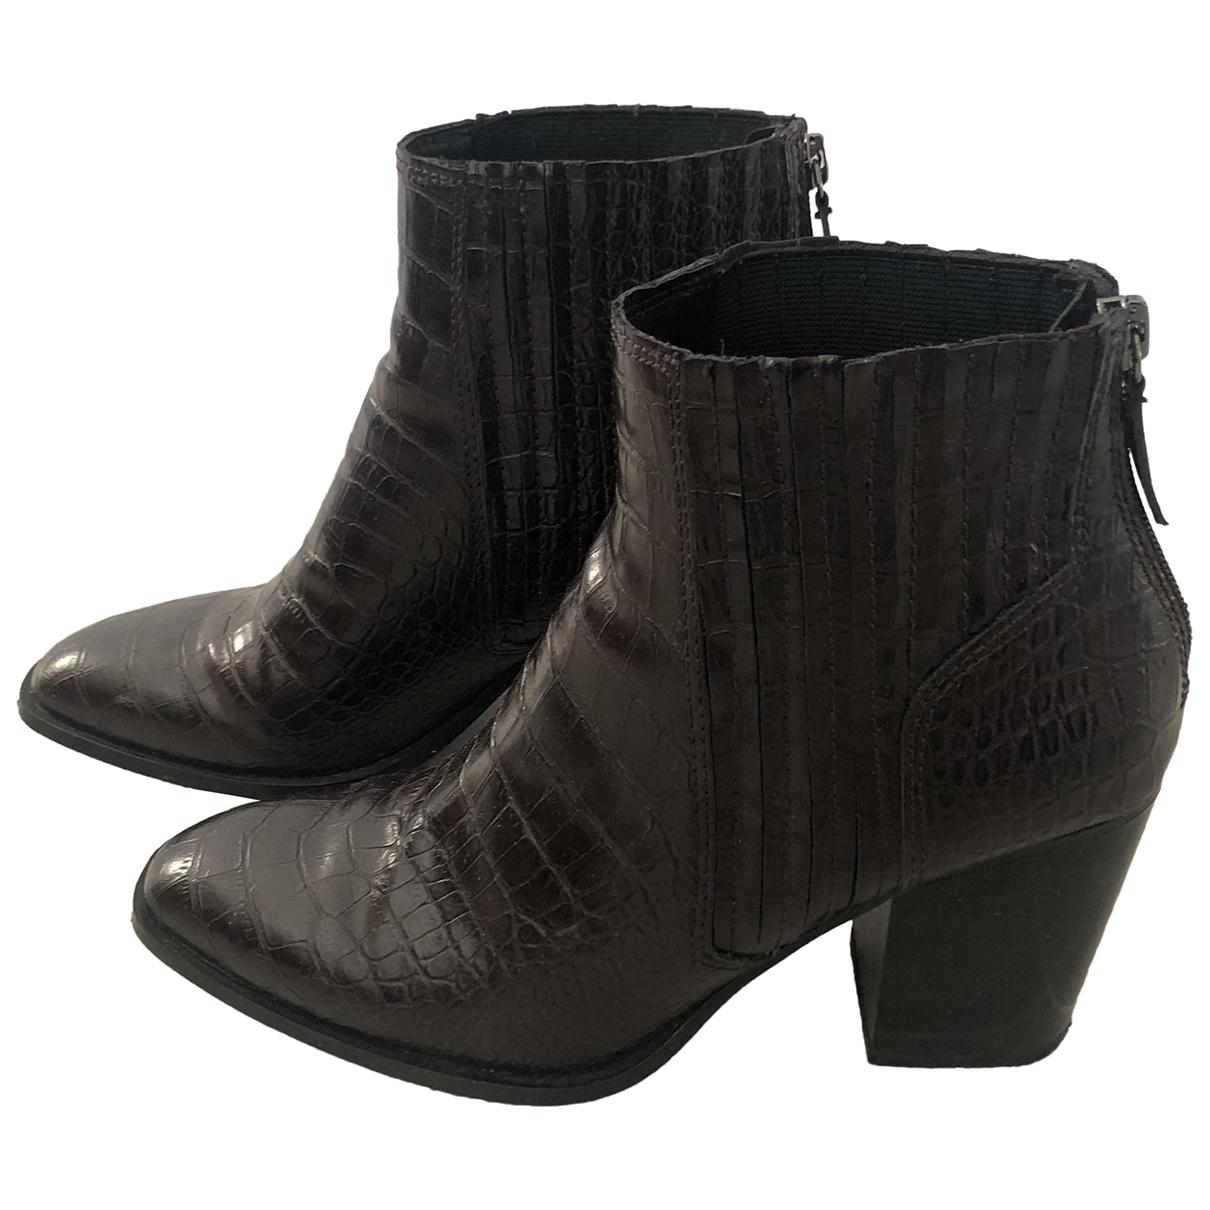 Zara - Boots   pour femme - bordeaux